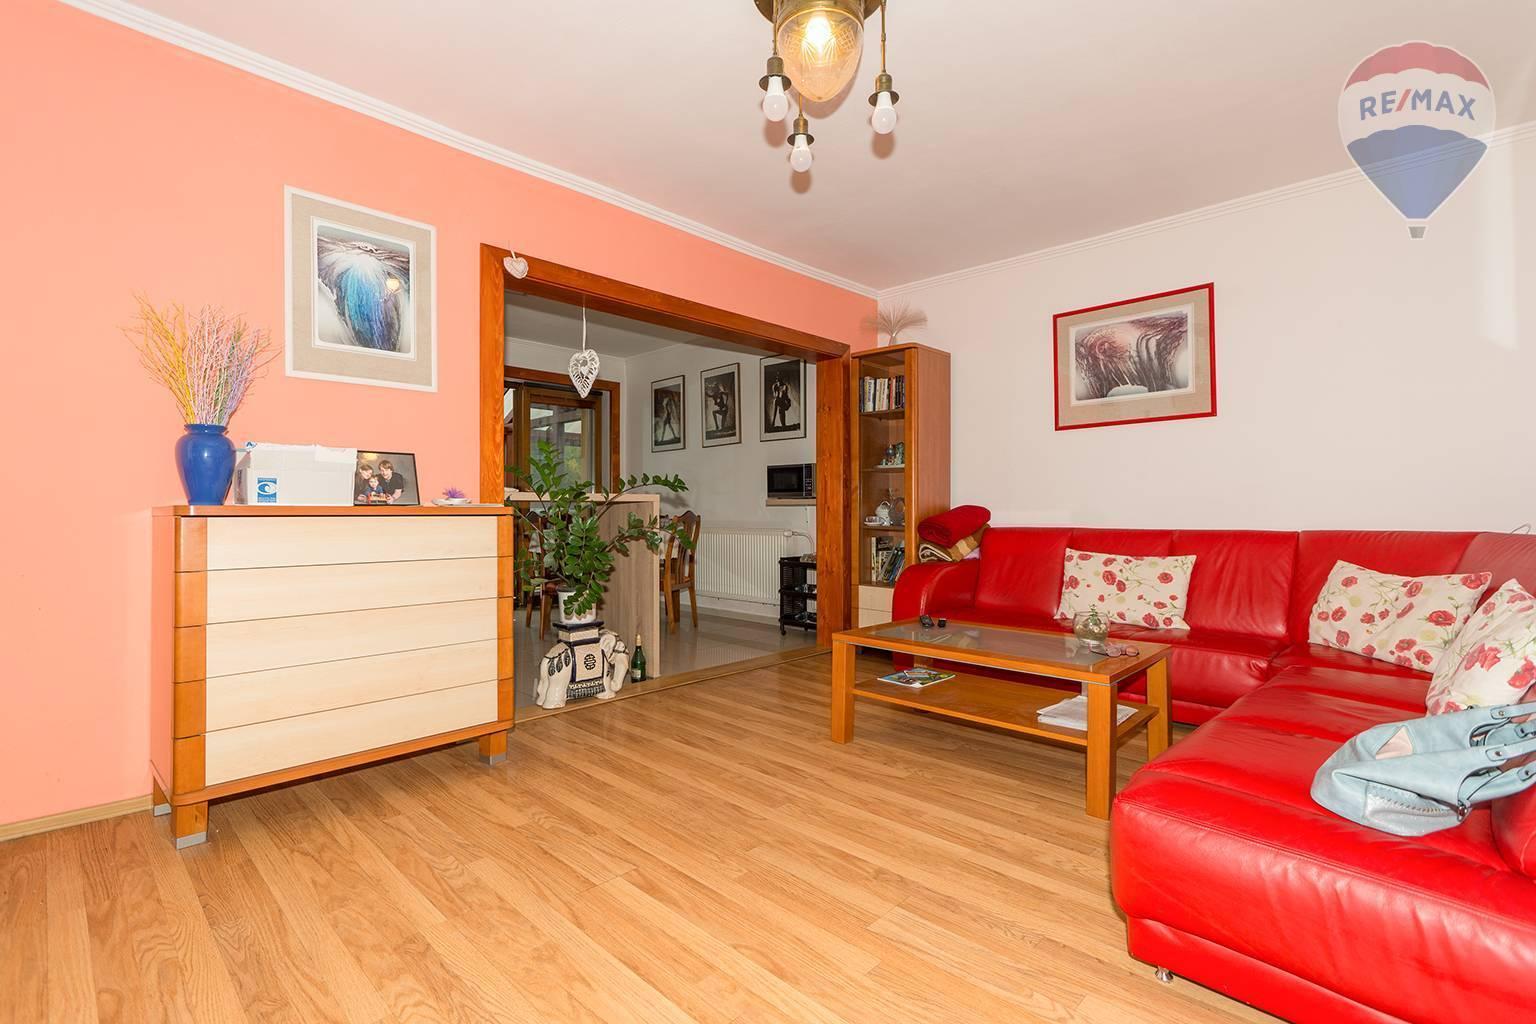 Predaj chaty 161 m2, Liptovský Mikuláš - spoločenská miestnosť